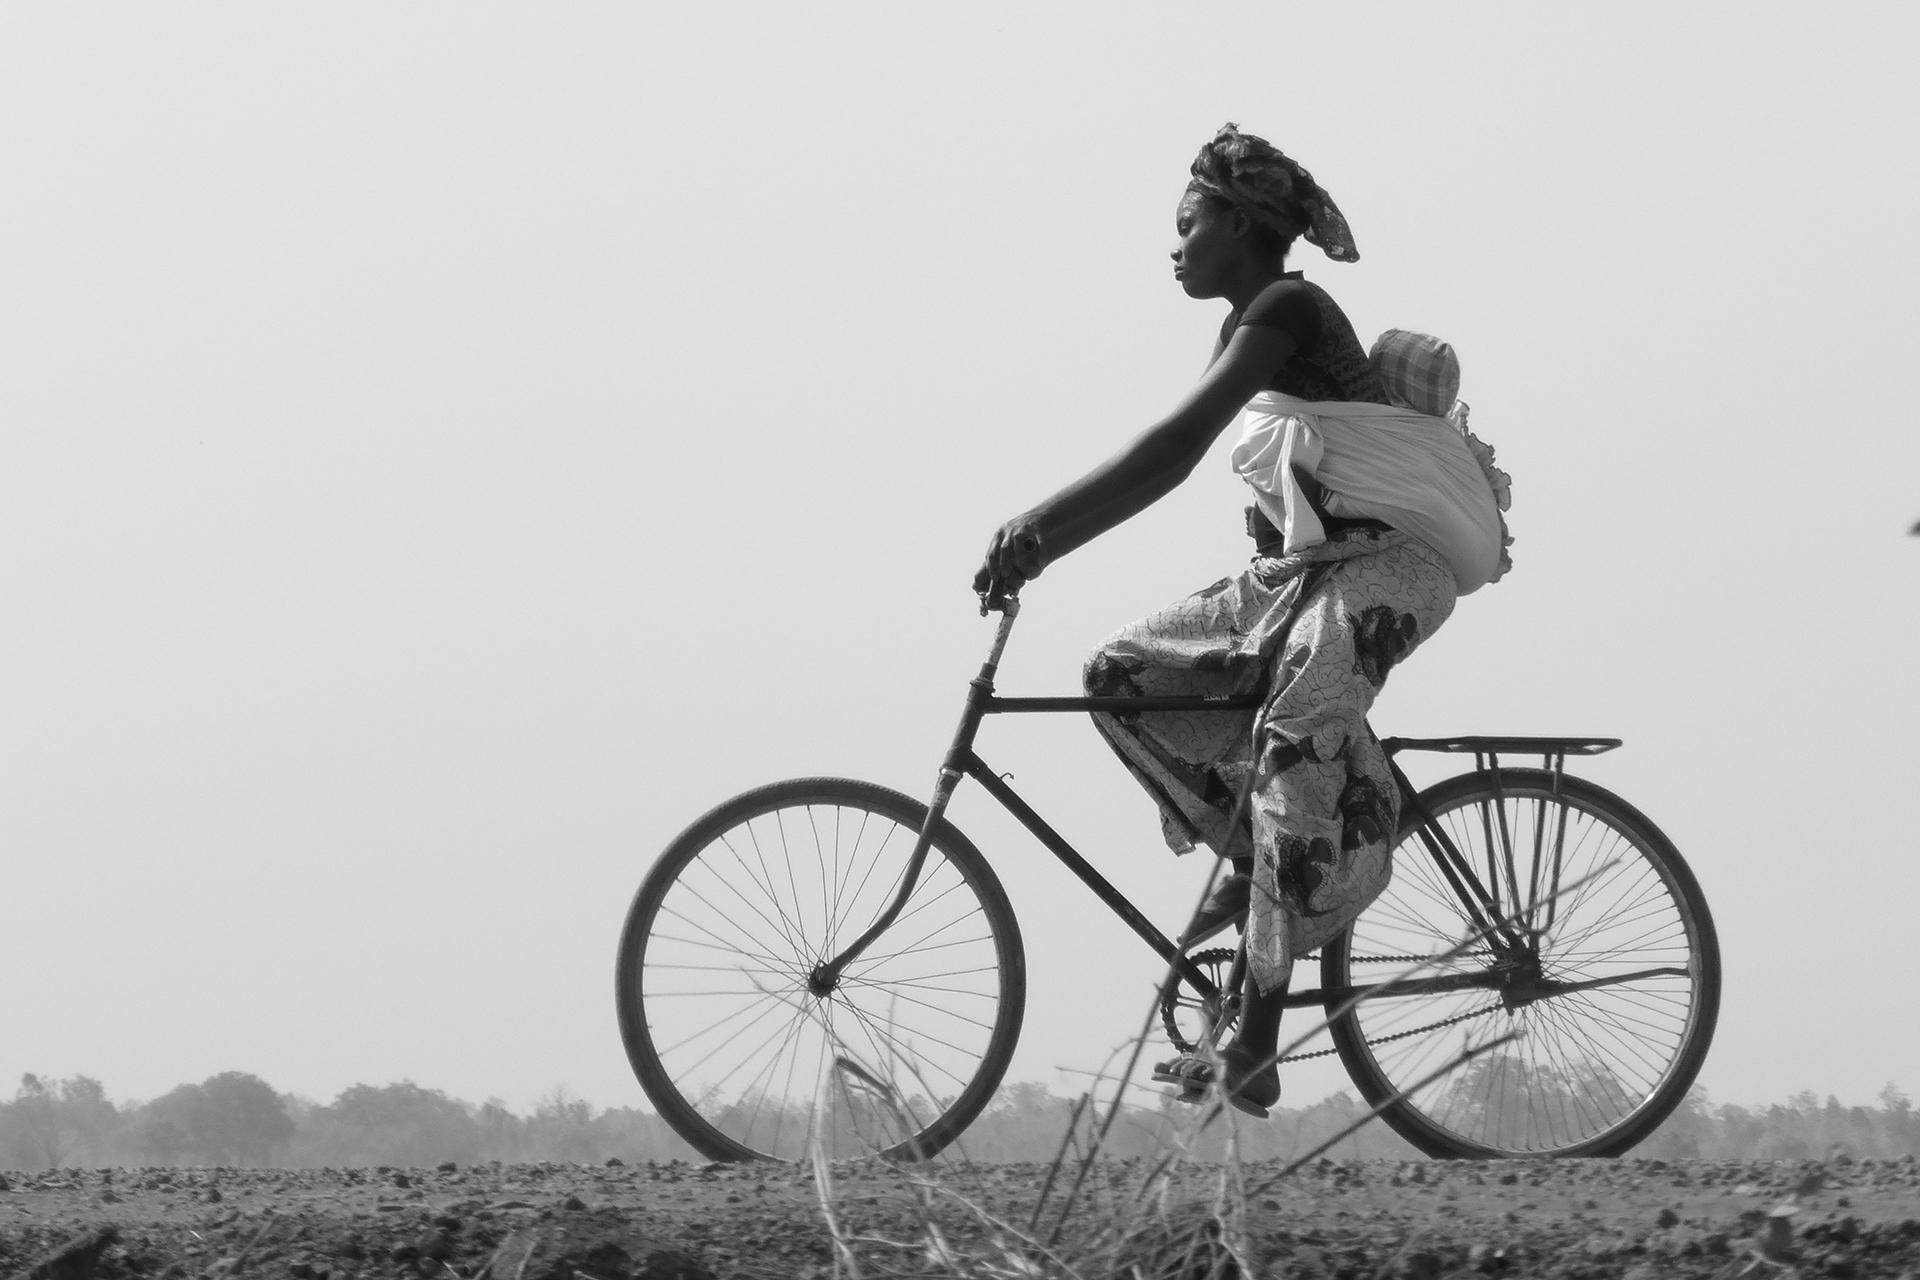 La promenade de Madame et de Bébé. 2014, Région de BOBO DIOULASSO, Burkina Faso